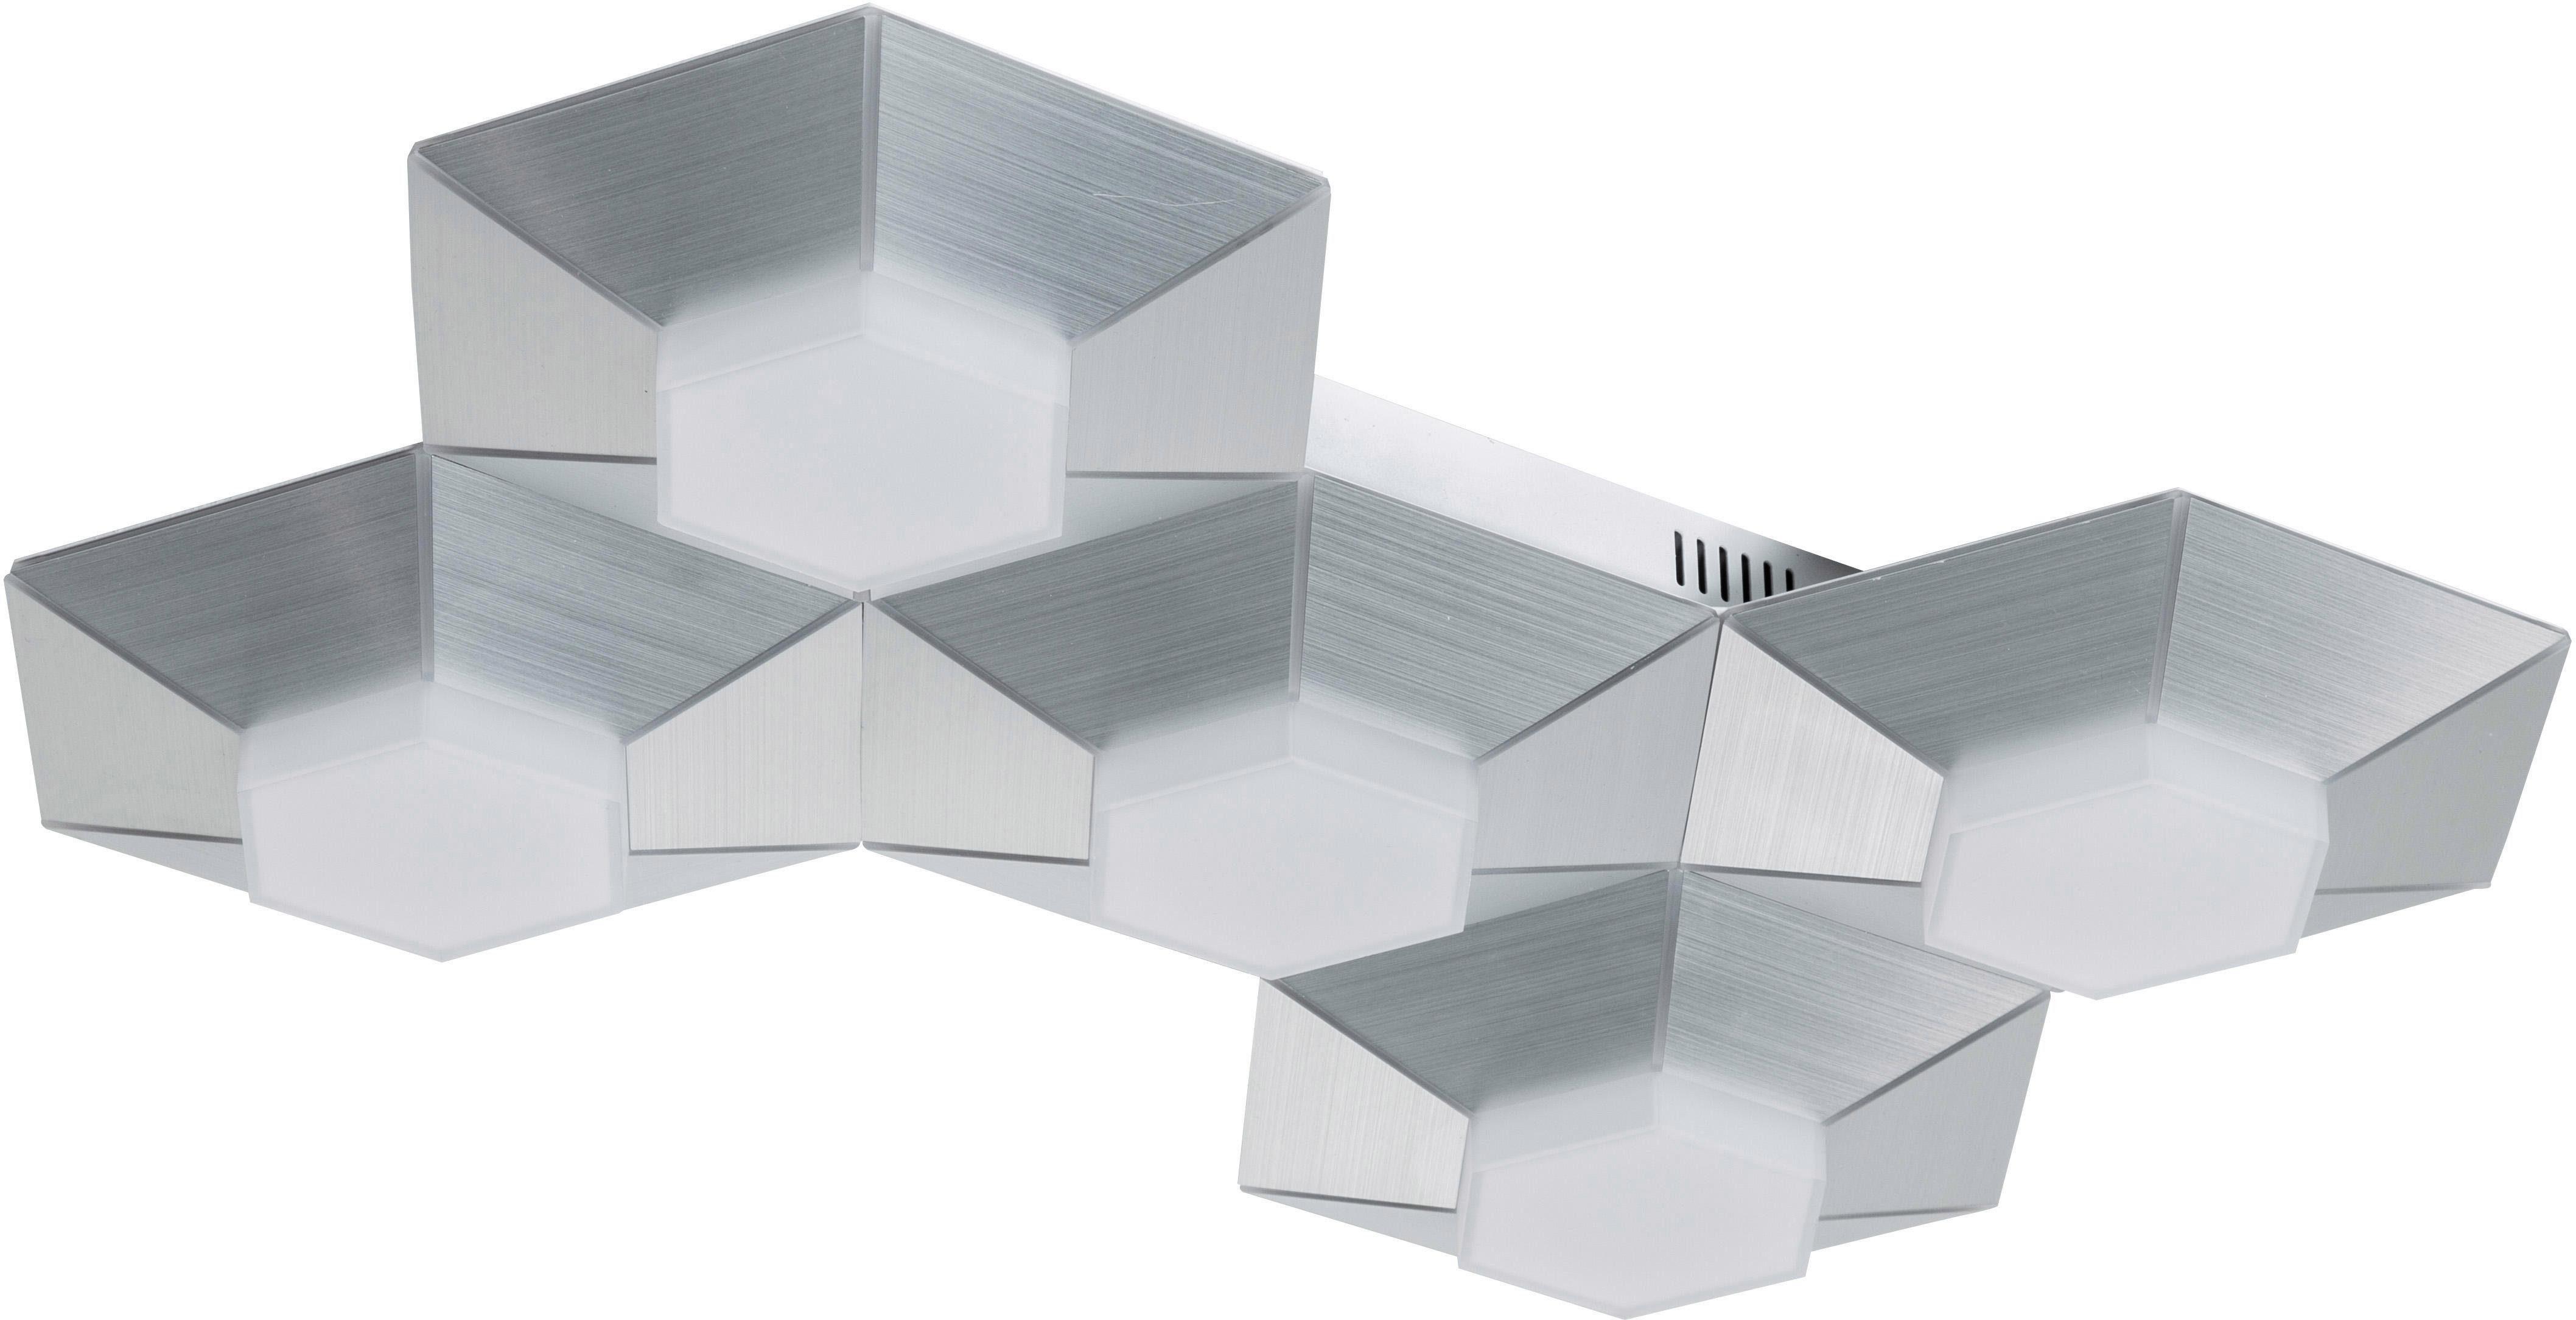 WOFI Deckenleuchte BENTE, LED-Board, Warmweiß, Deckenlampe